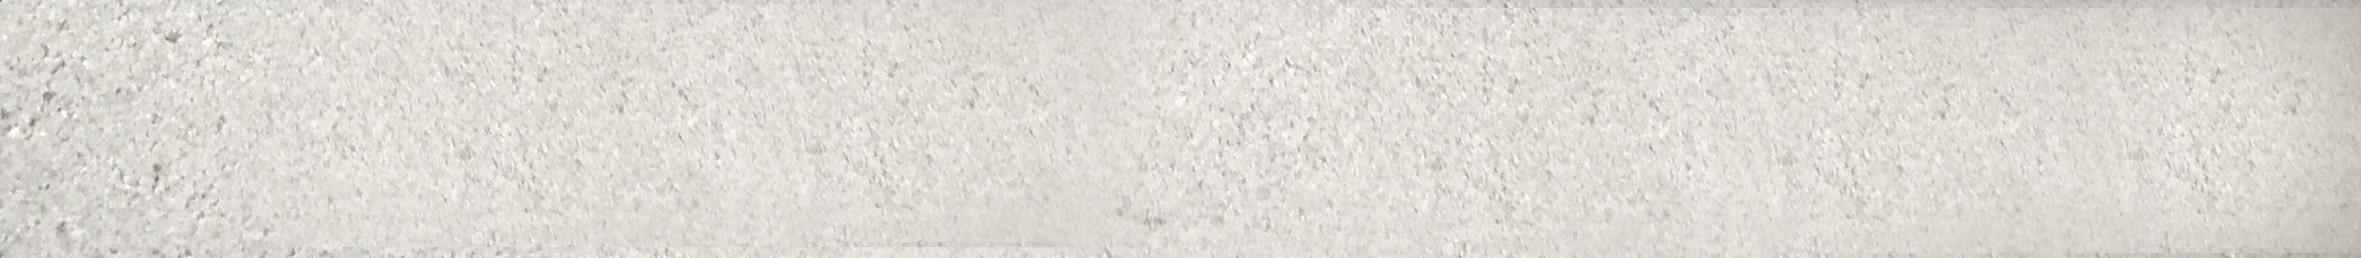 Fugenmörtel - Fugenfarbe 1007